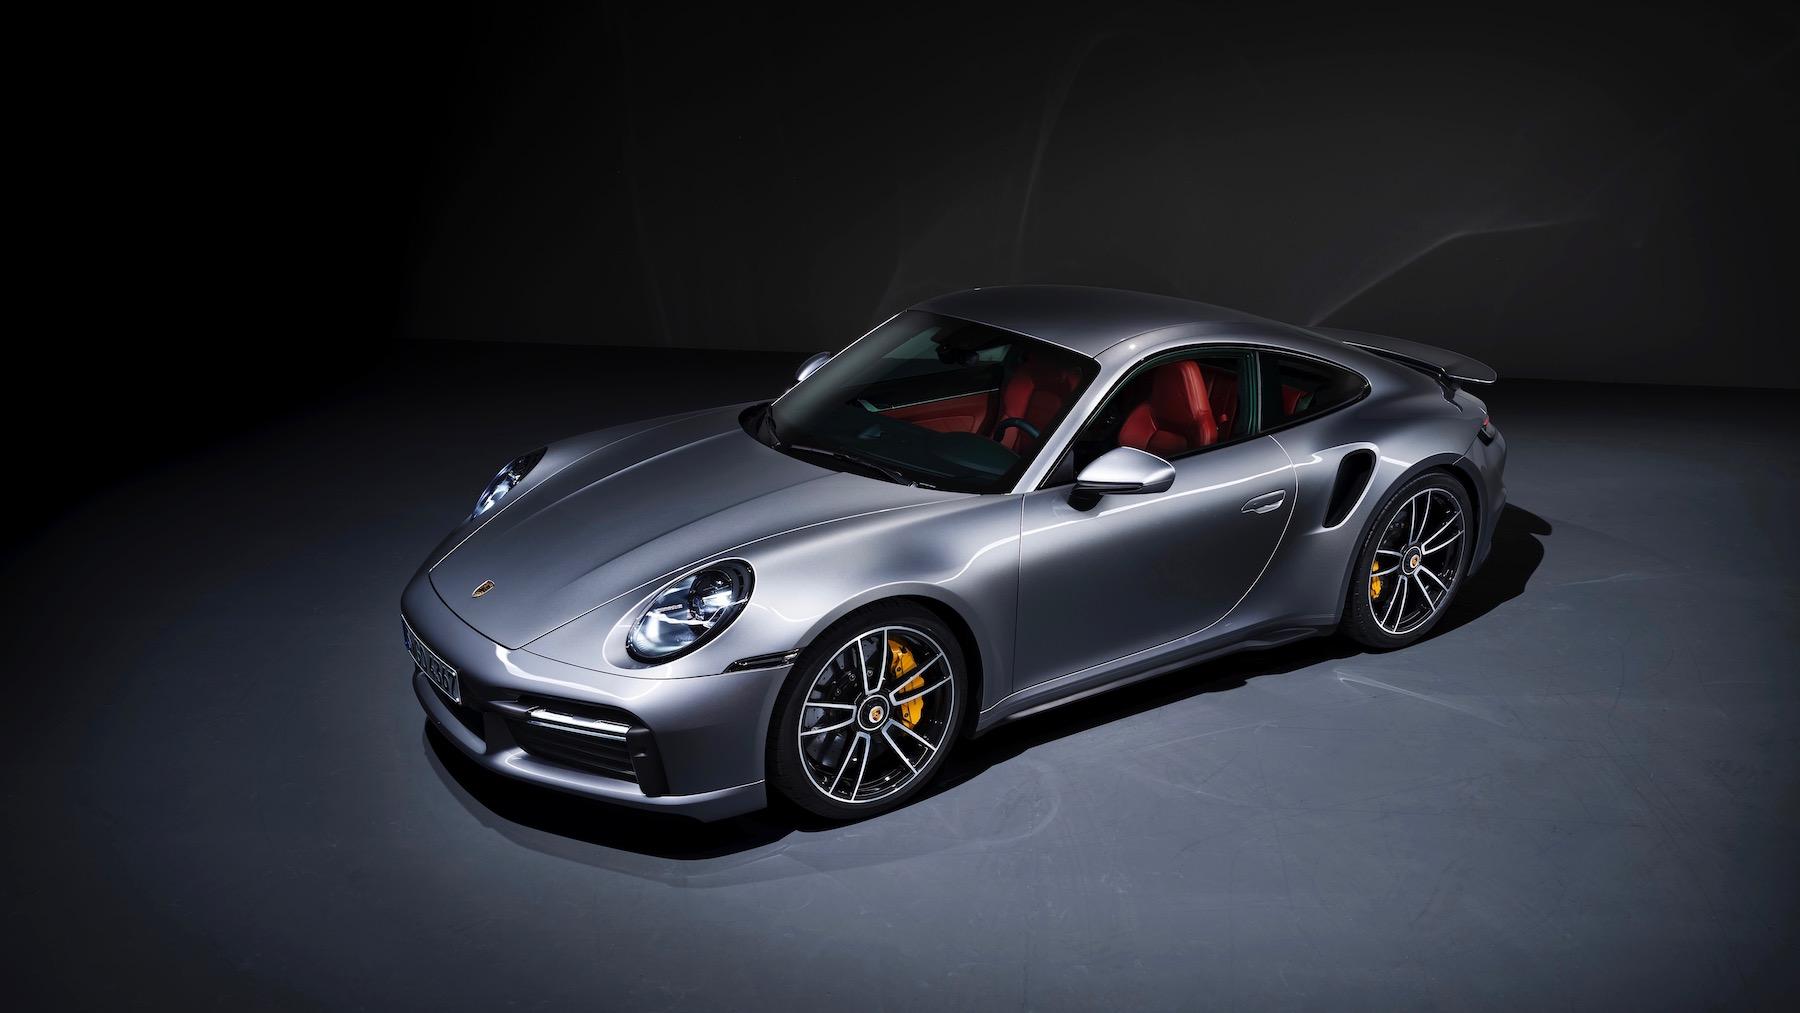 Porsche präsentiert die neue Generation des 911 Turbo S 4